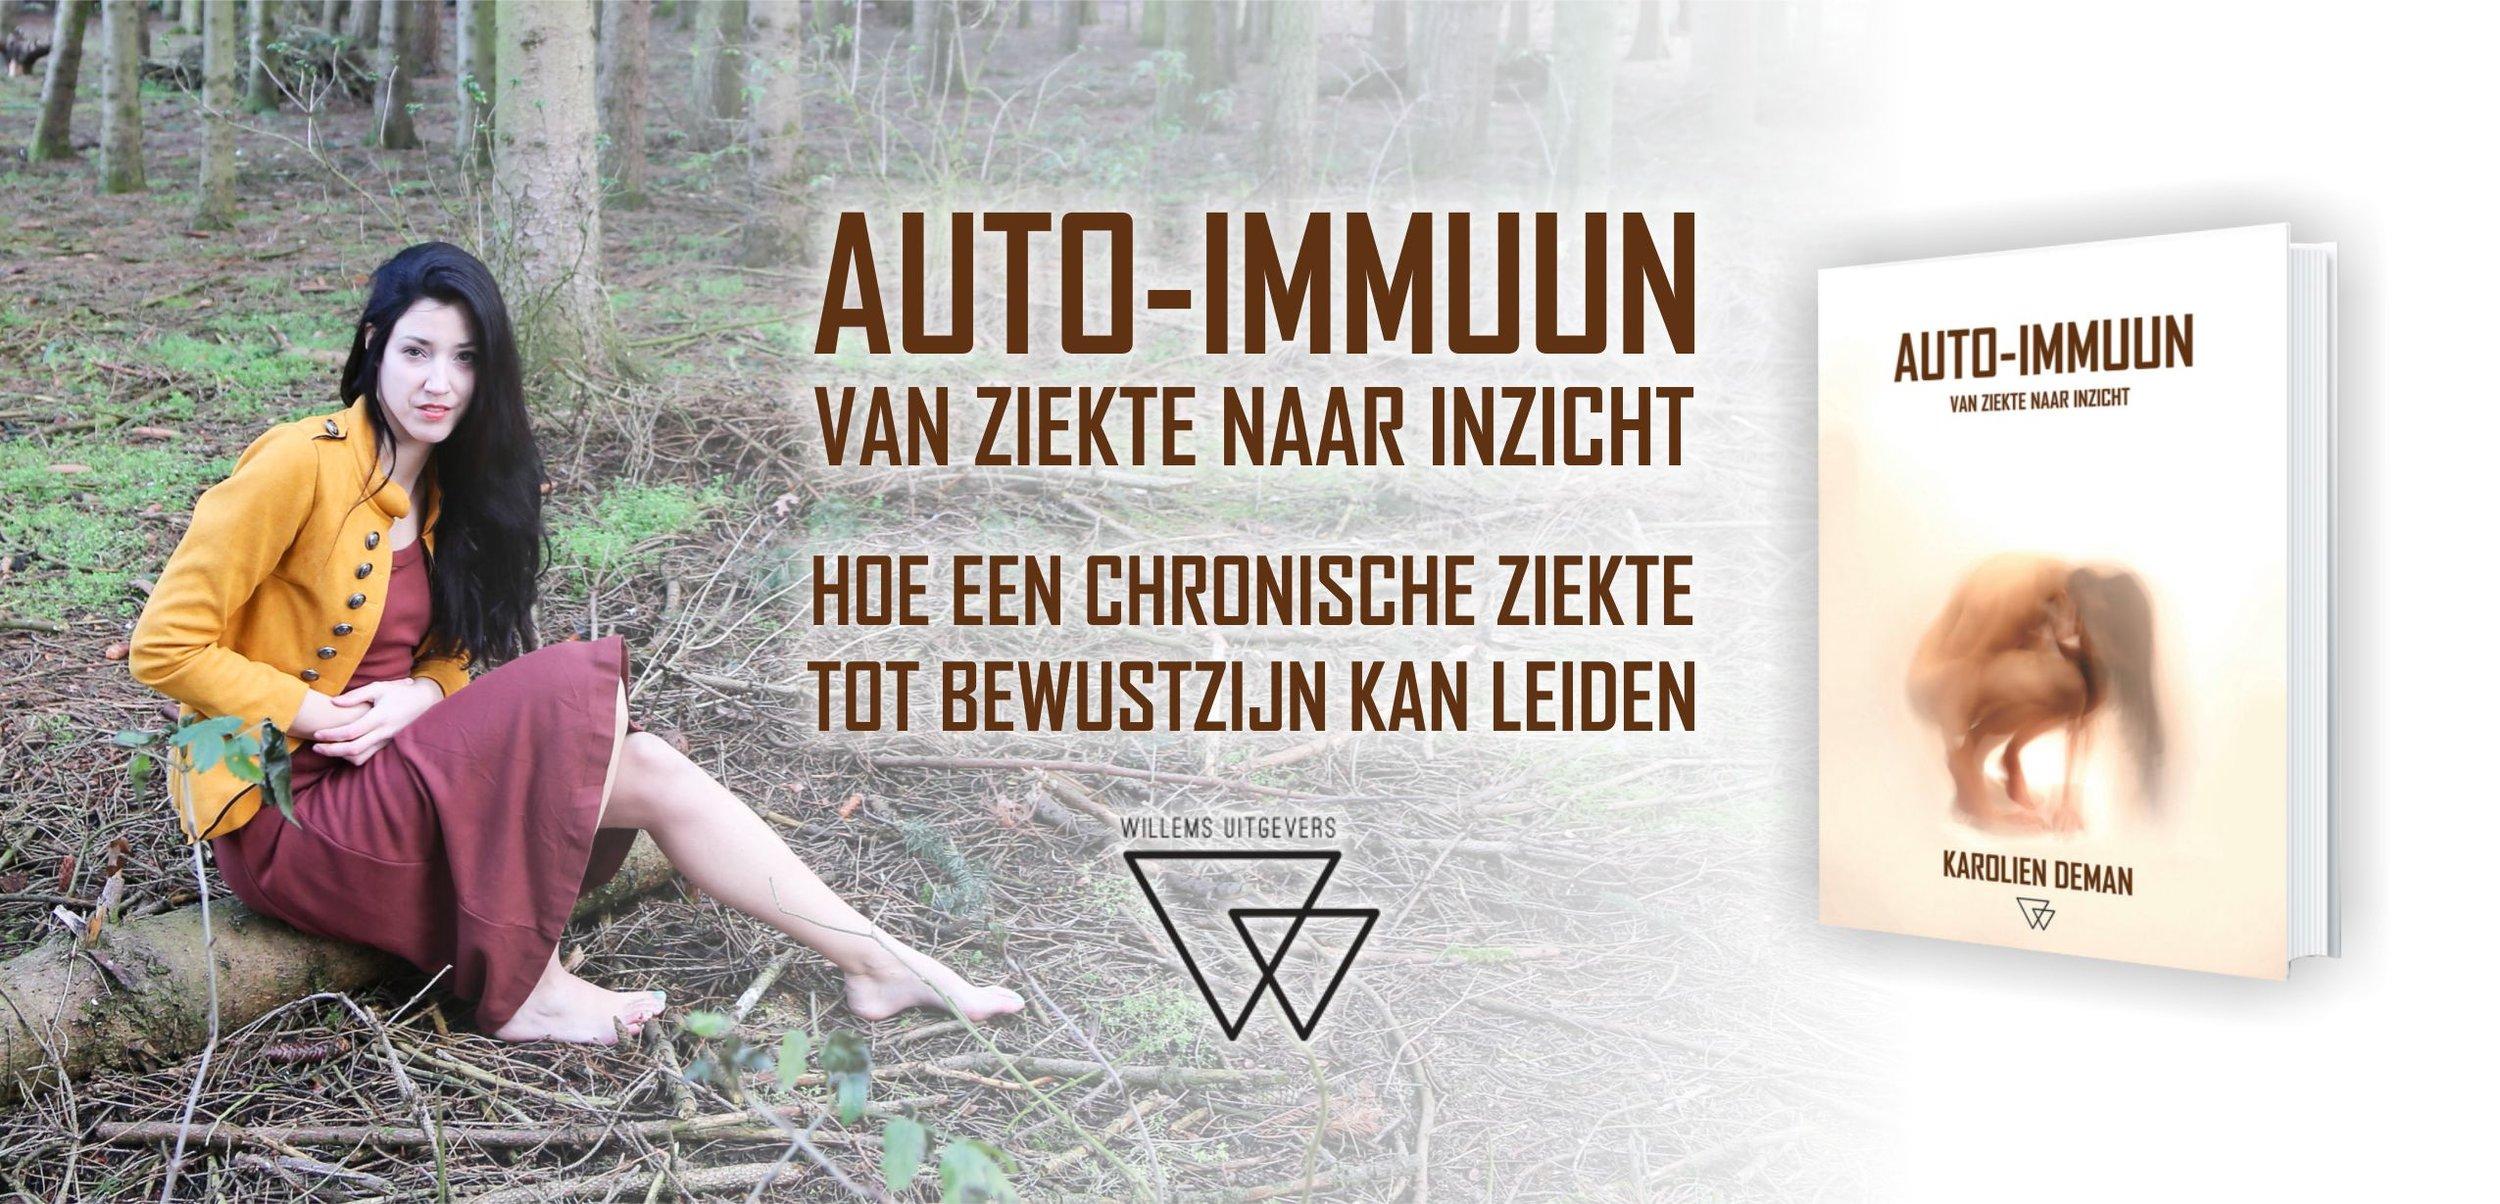 Graag kondig ik de geboorte aan van mijn eerste boek, genaamd 'Auto-Immuun - van ziekte naar inzicht' Mijn boek wordt uitgegeven door Willems Uitgevers en kost 19,95€